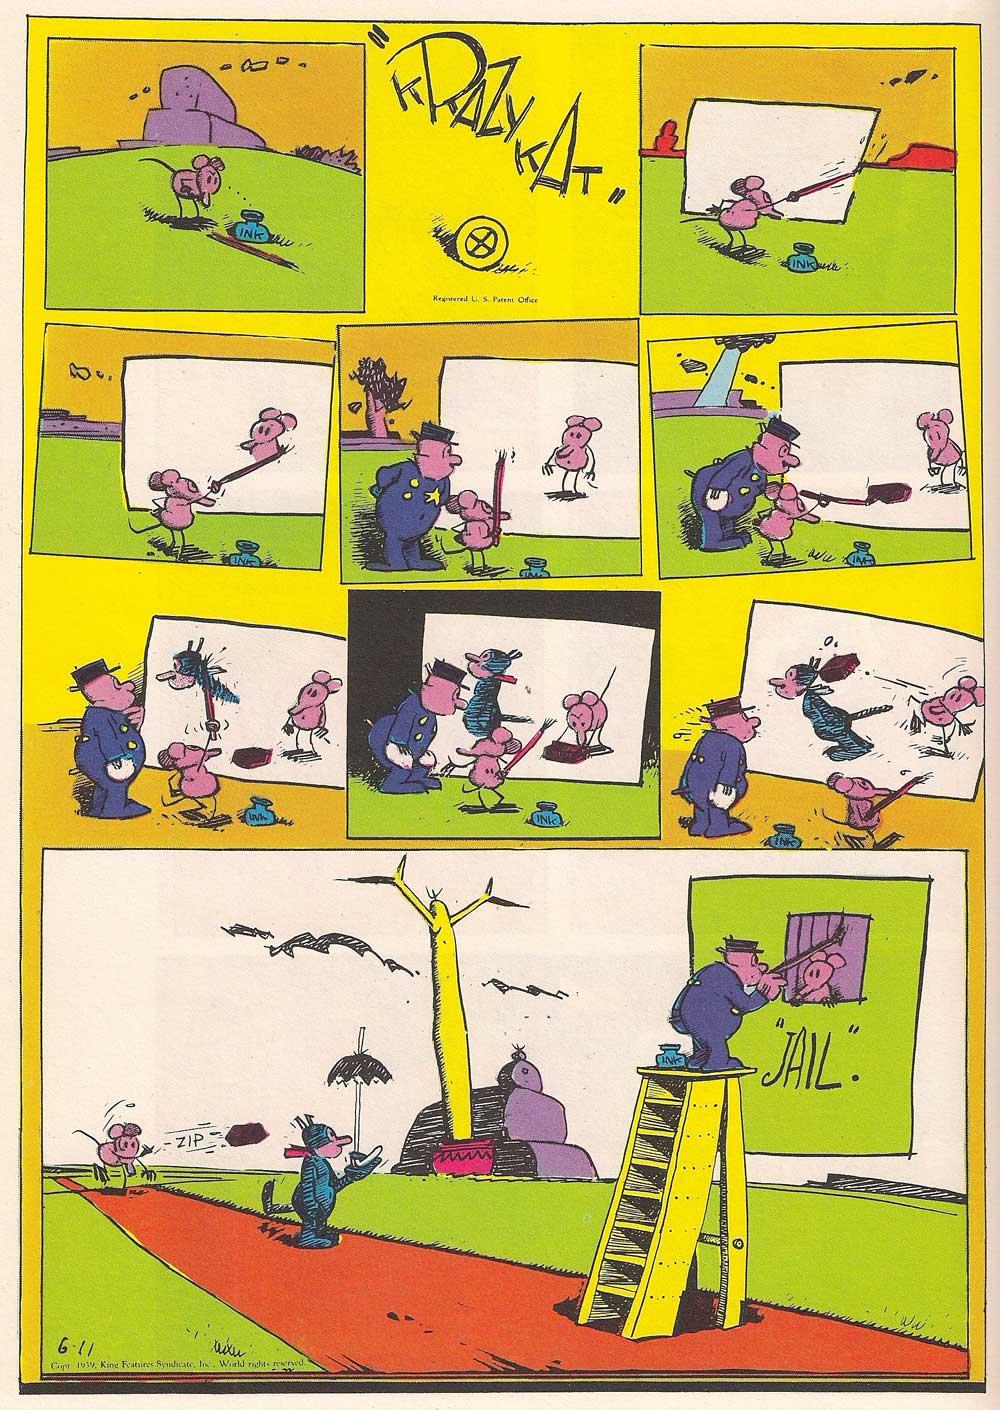 300-krazykat-color-2_300: biblioteca essenziale del fumetto